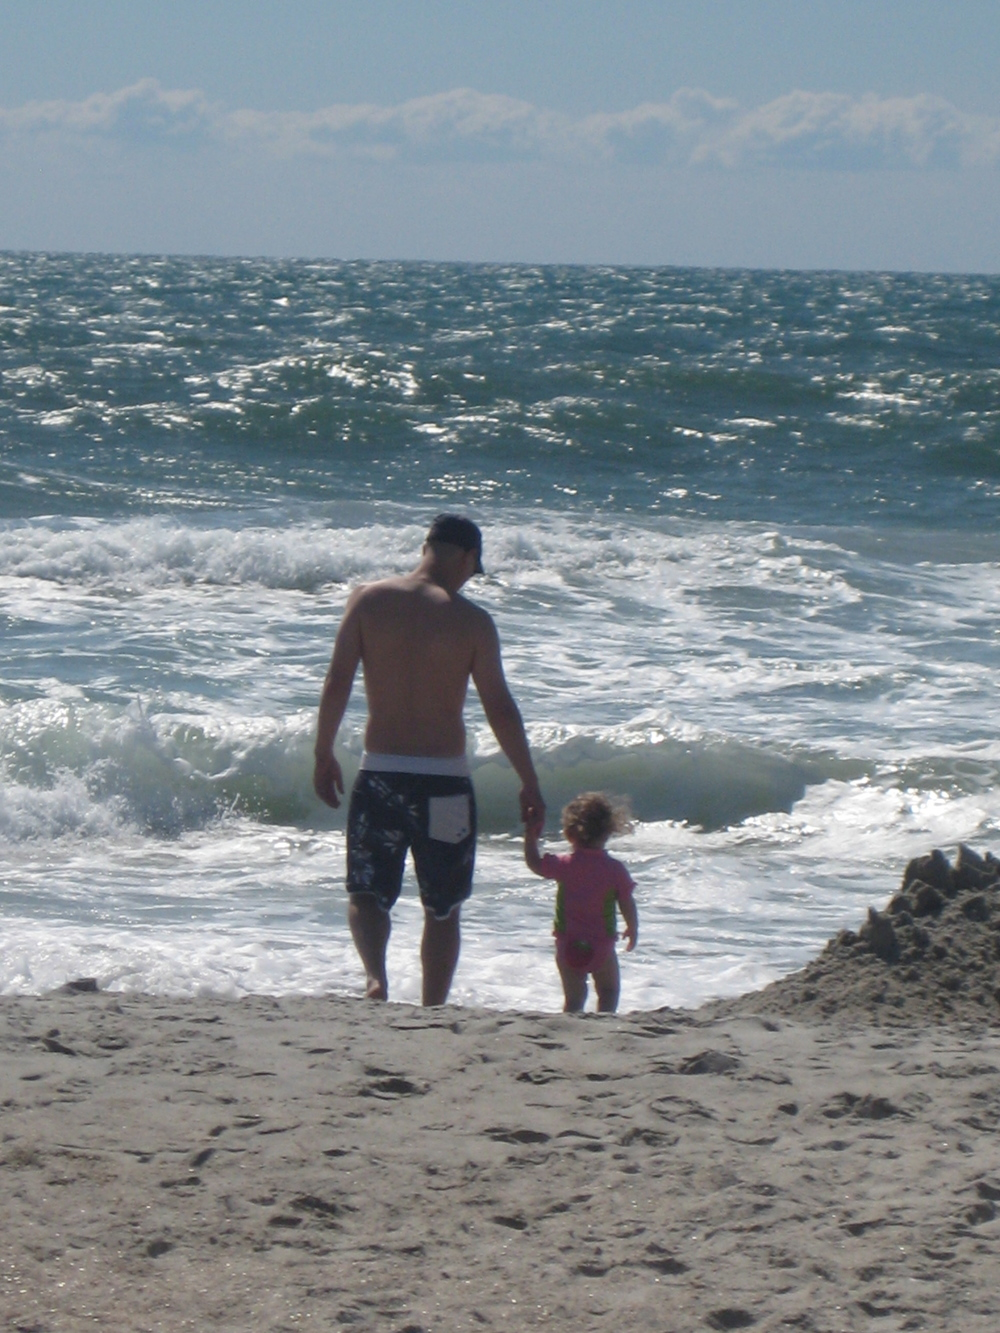 first beach trip of the season. ahhhhhhh